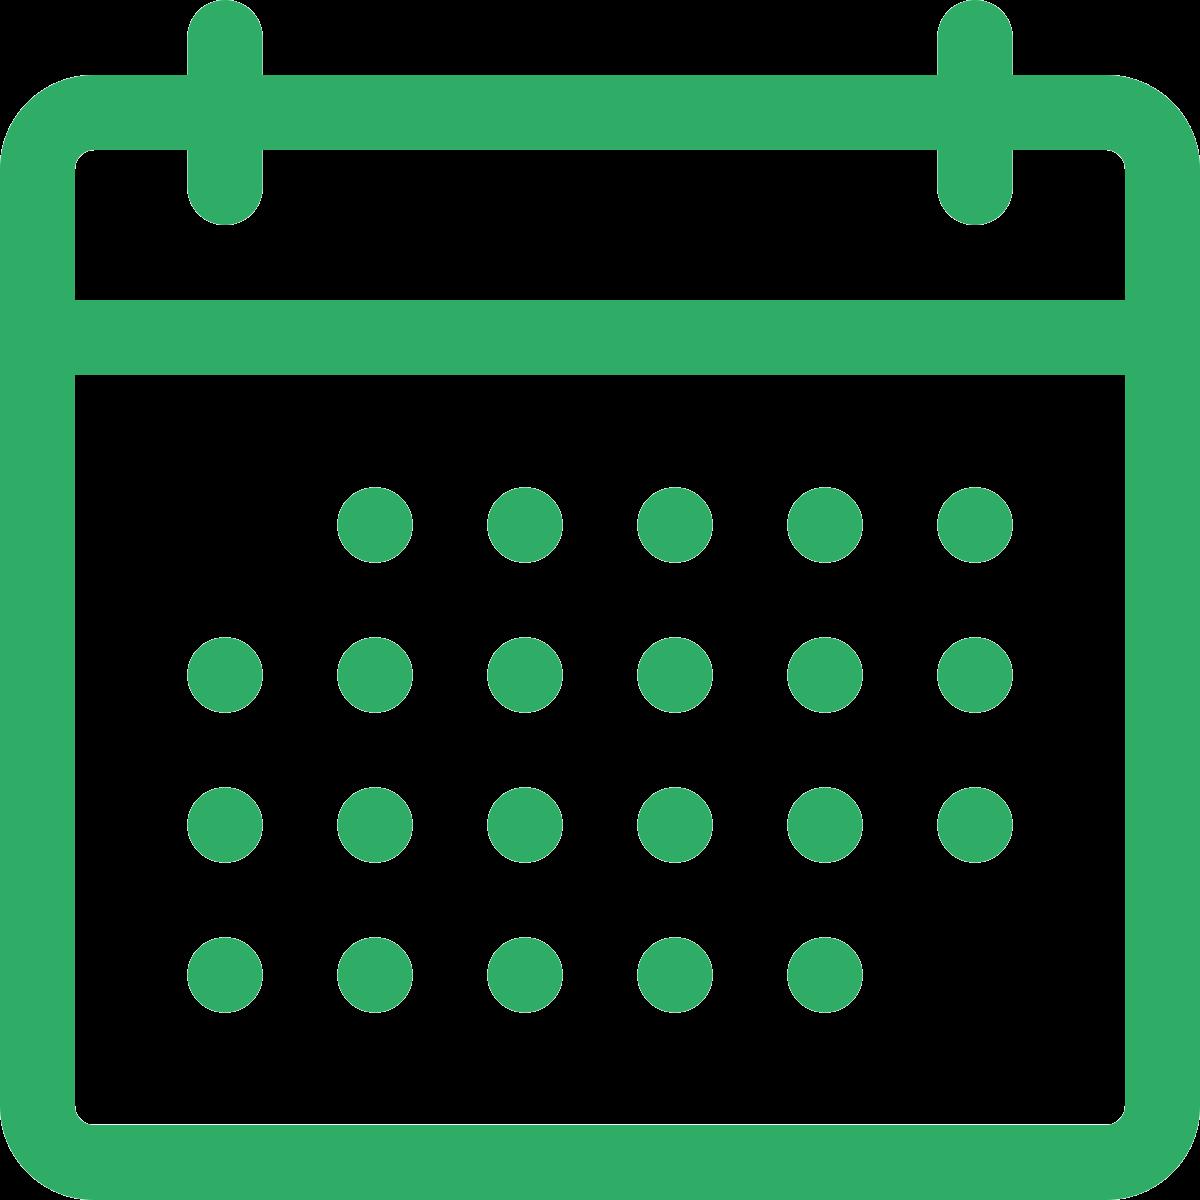 noun_Calendar_689869_2fac66